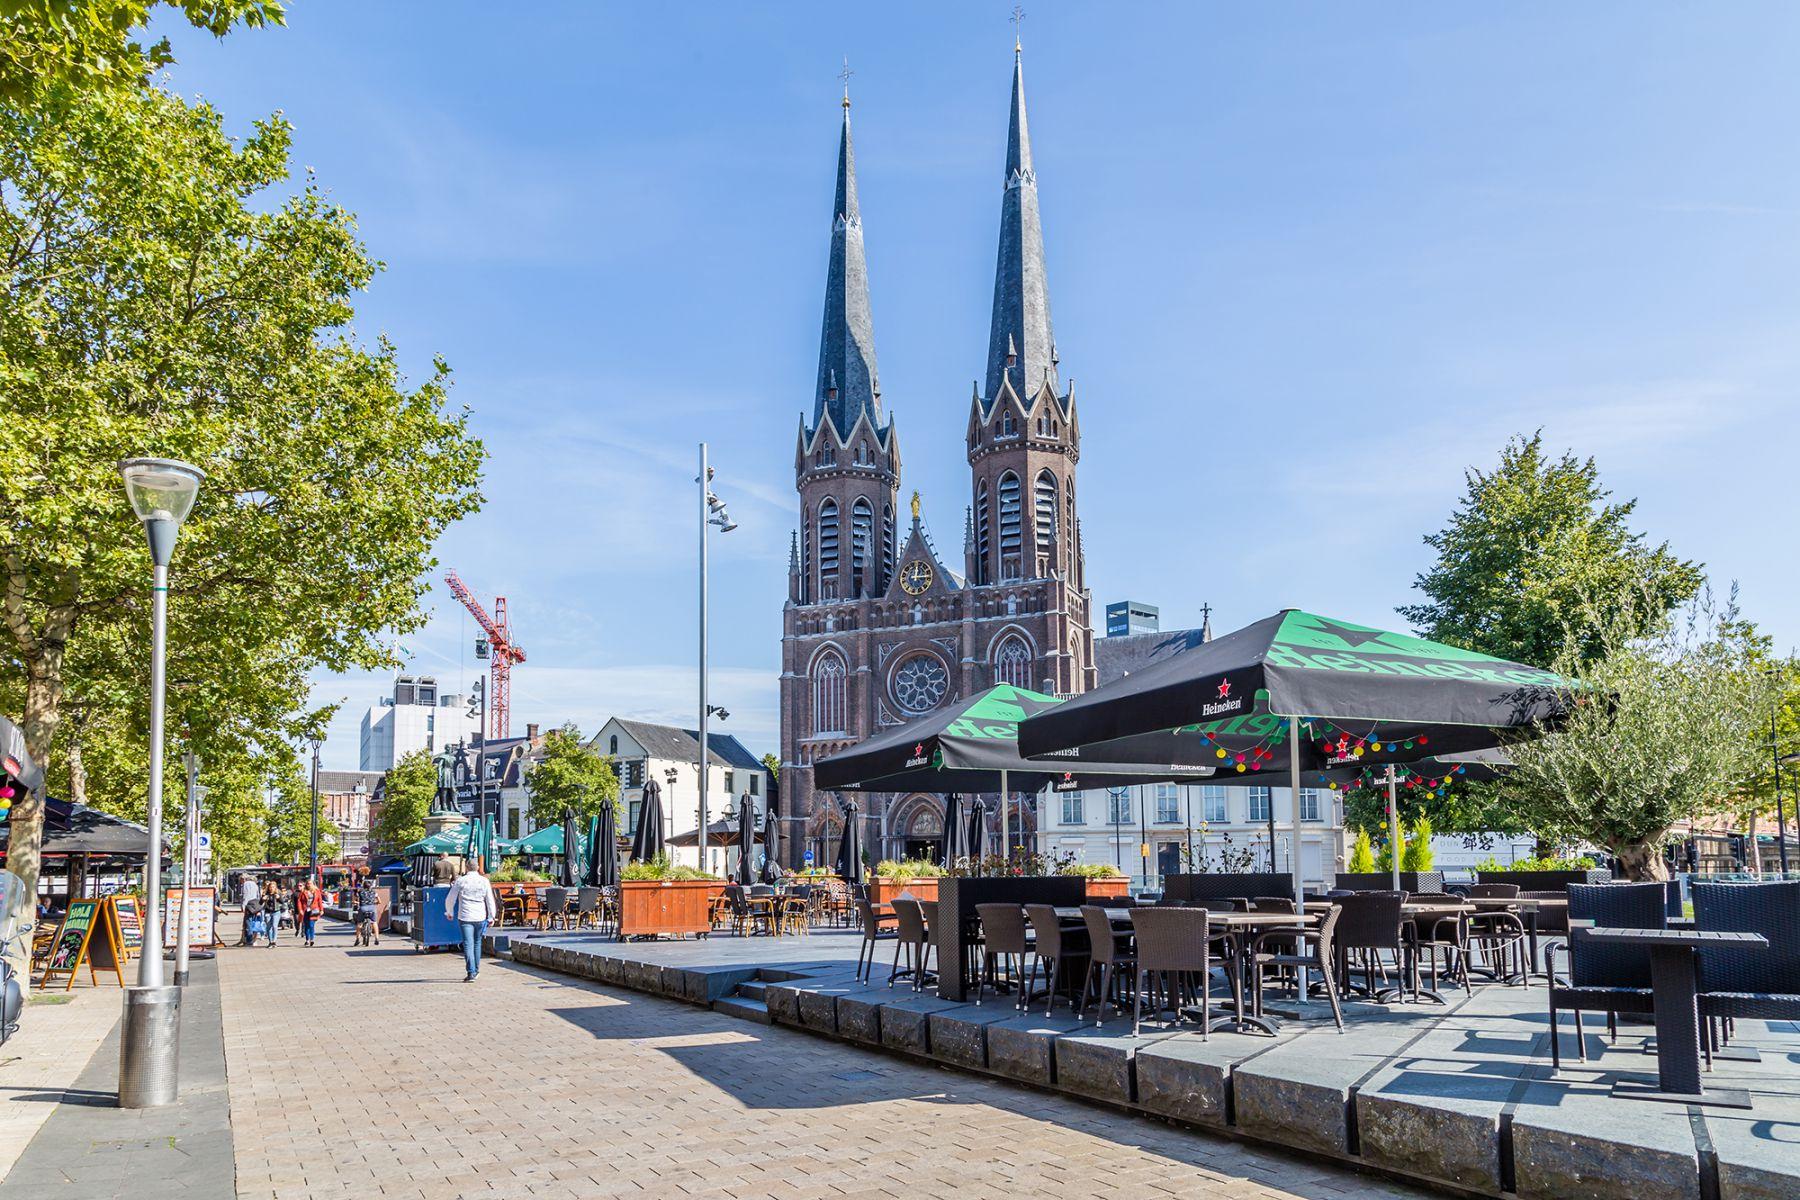 Bezienswaardigheid Tilburg Stadswandeling